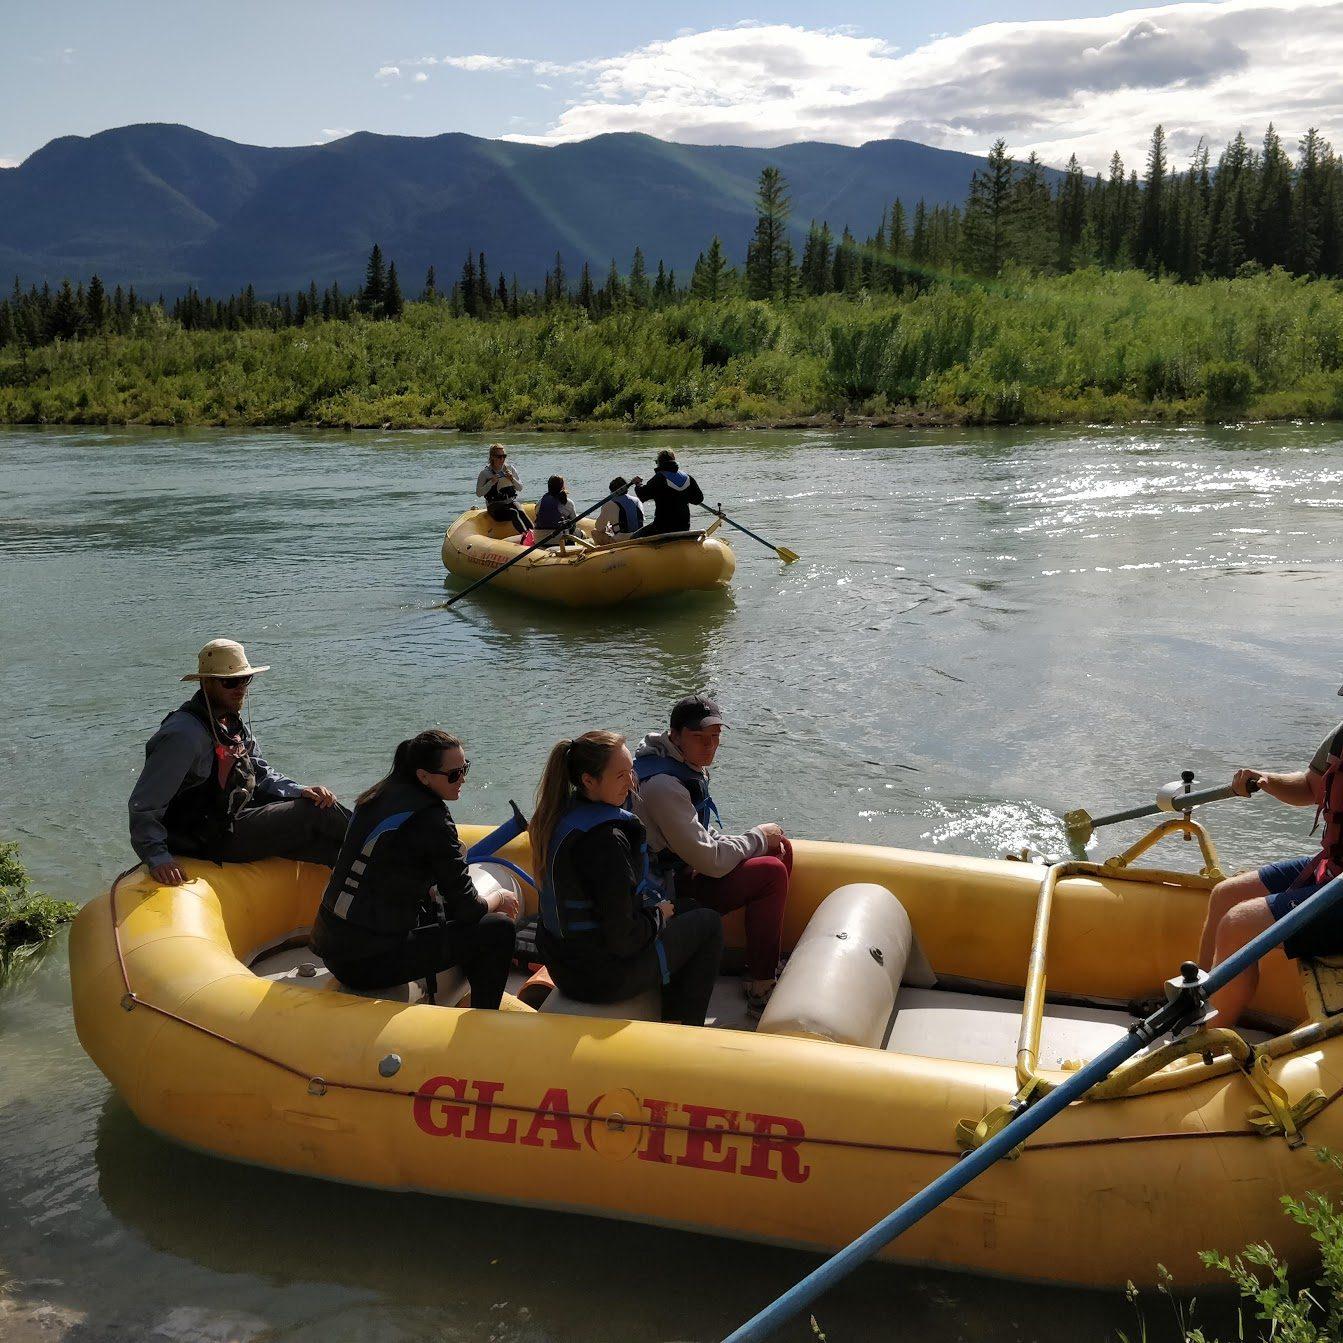 Fairmont Raft